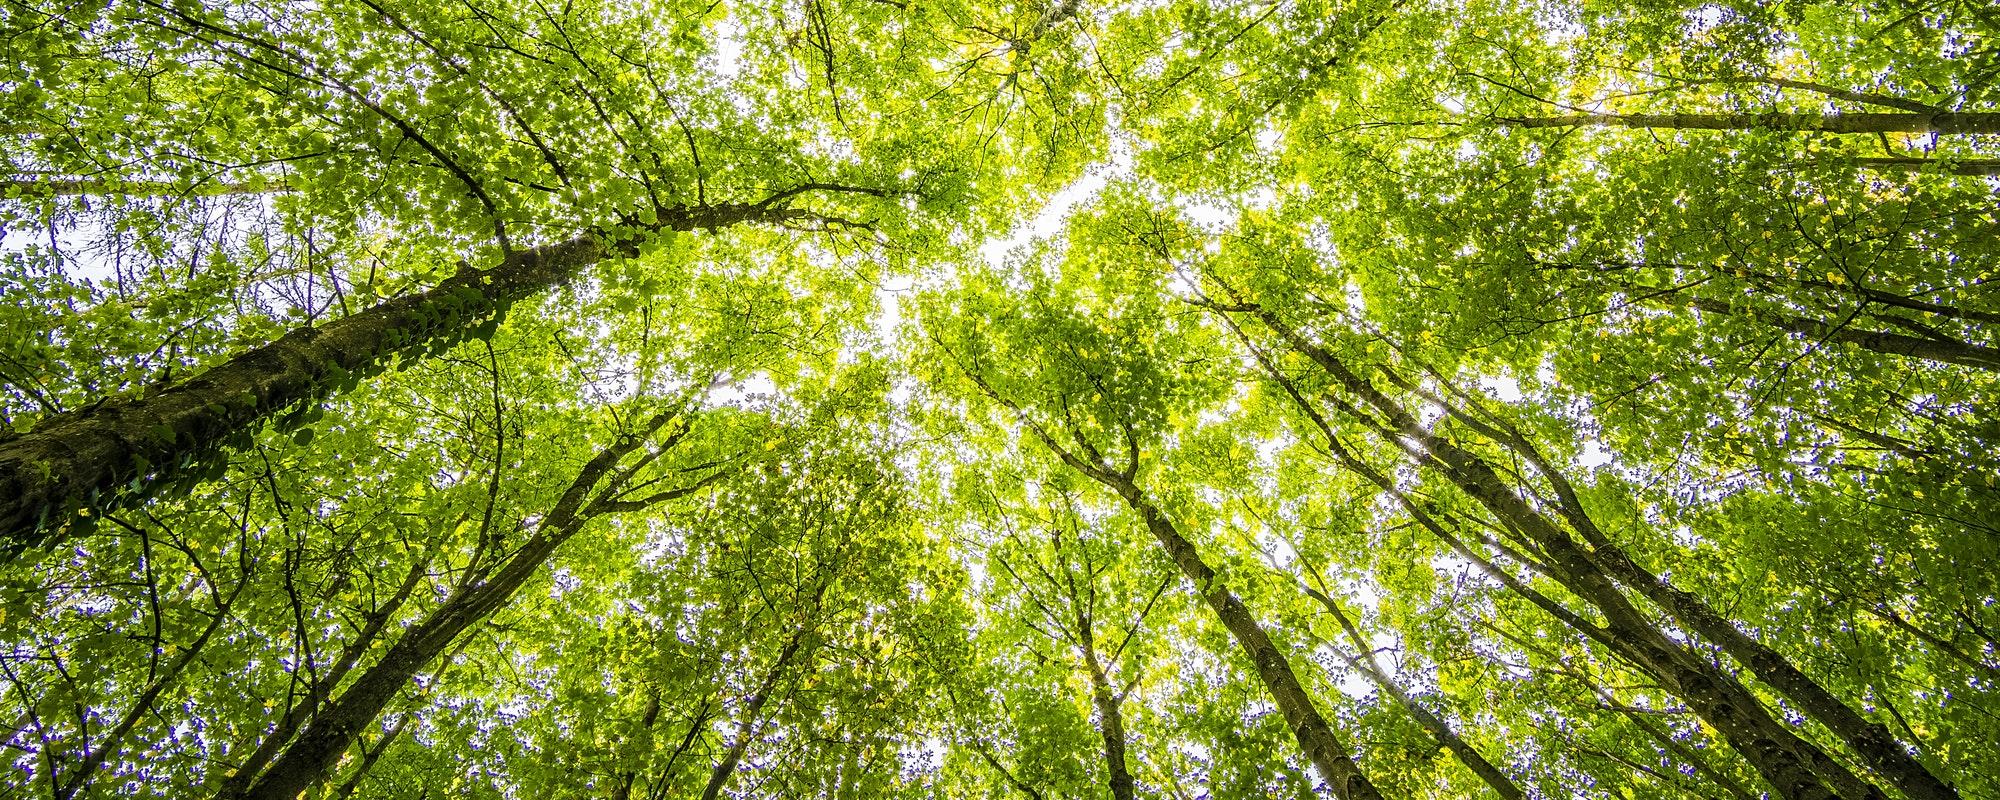 Wald mit Bäumen und Sonnenstrahlen